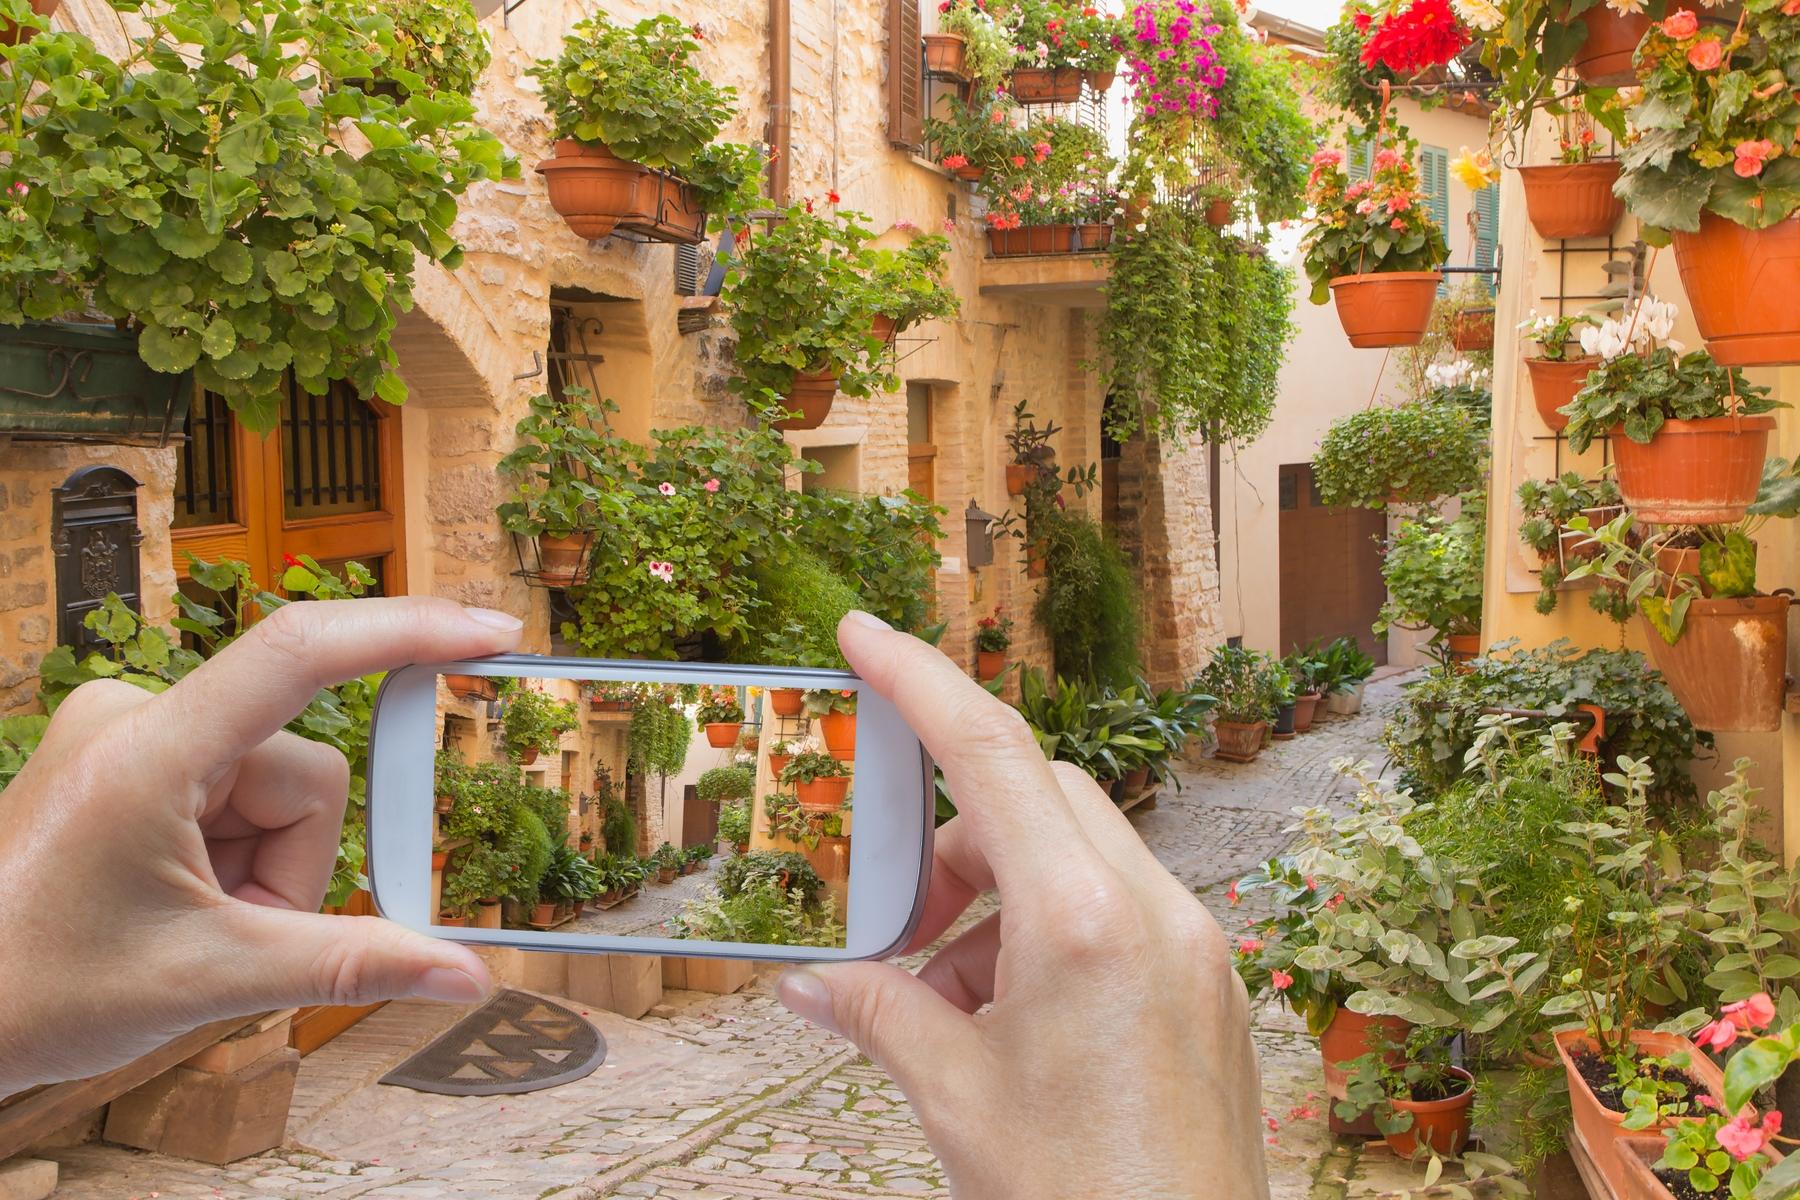 posti da visitare in Umbria: Spello